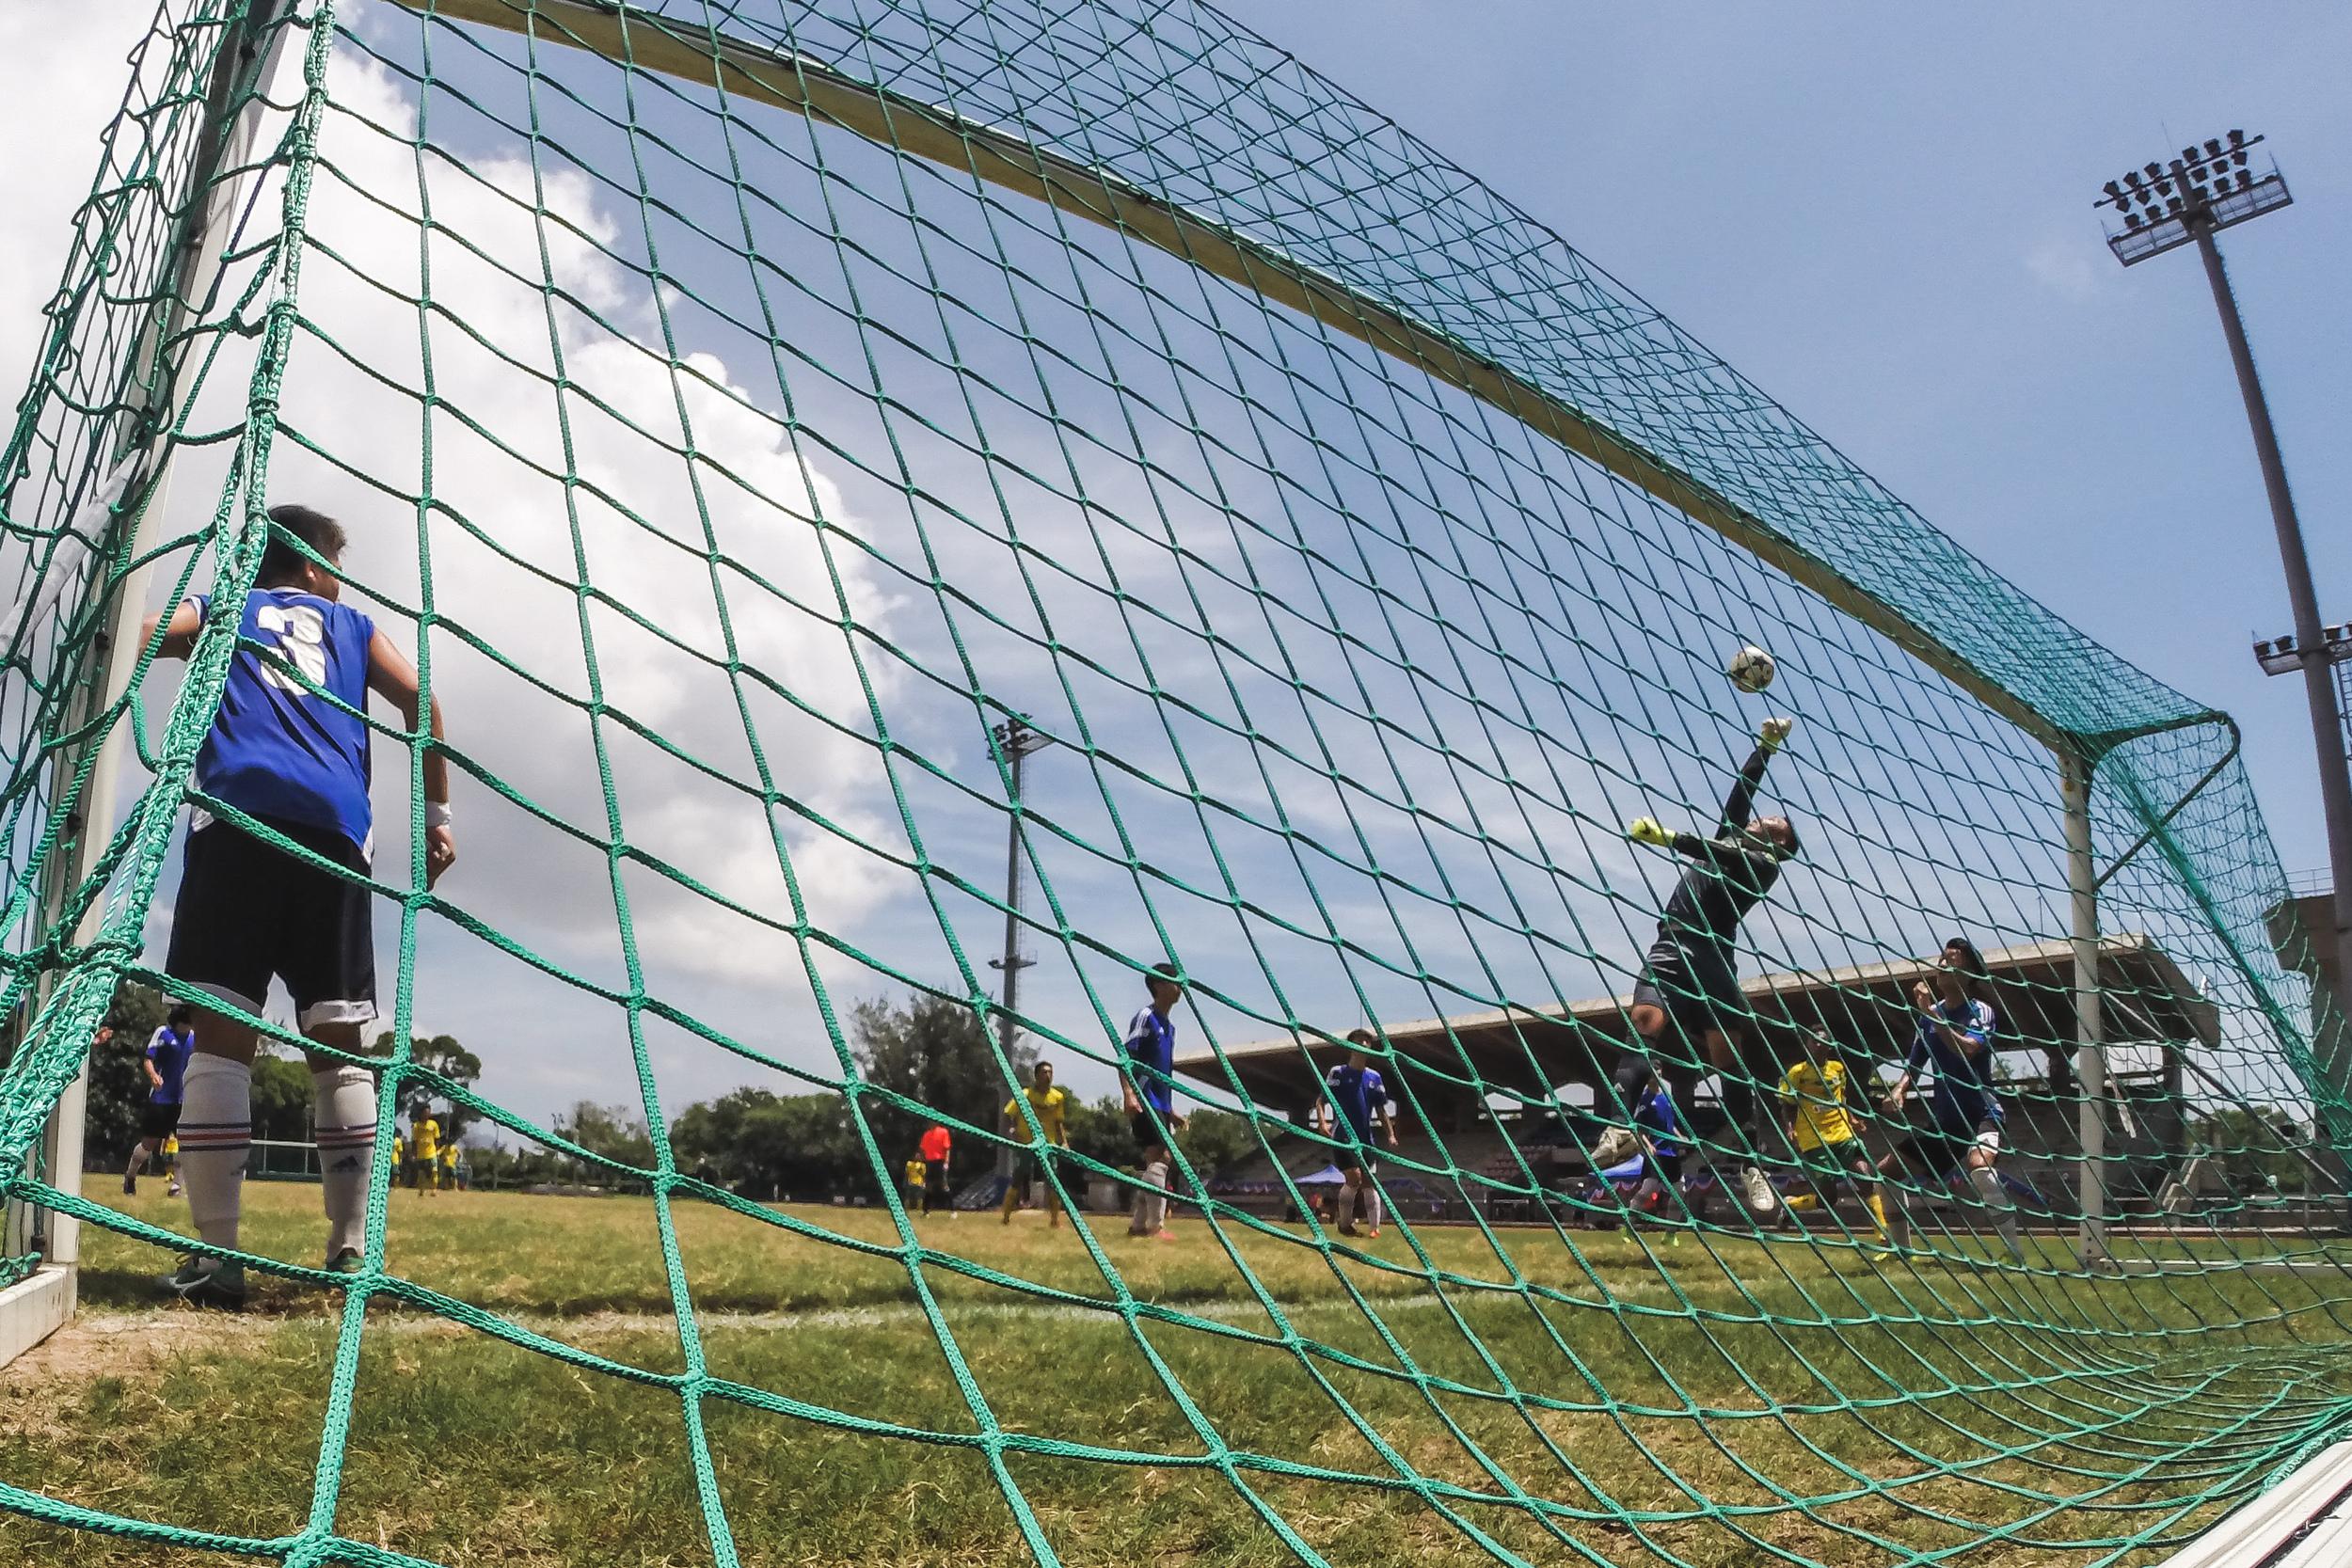 20150628-soccer-12.jpg